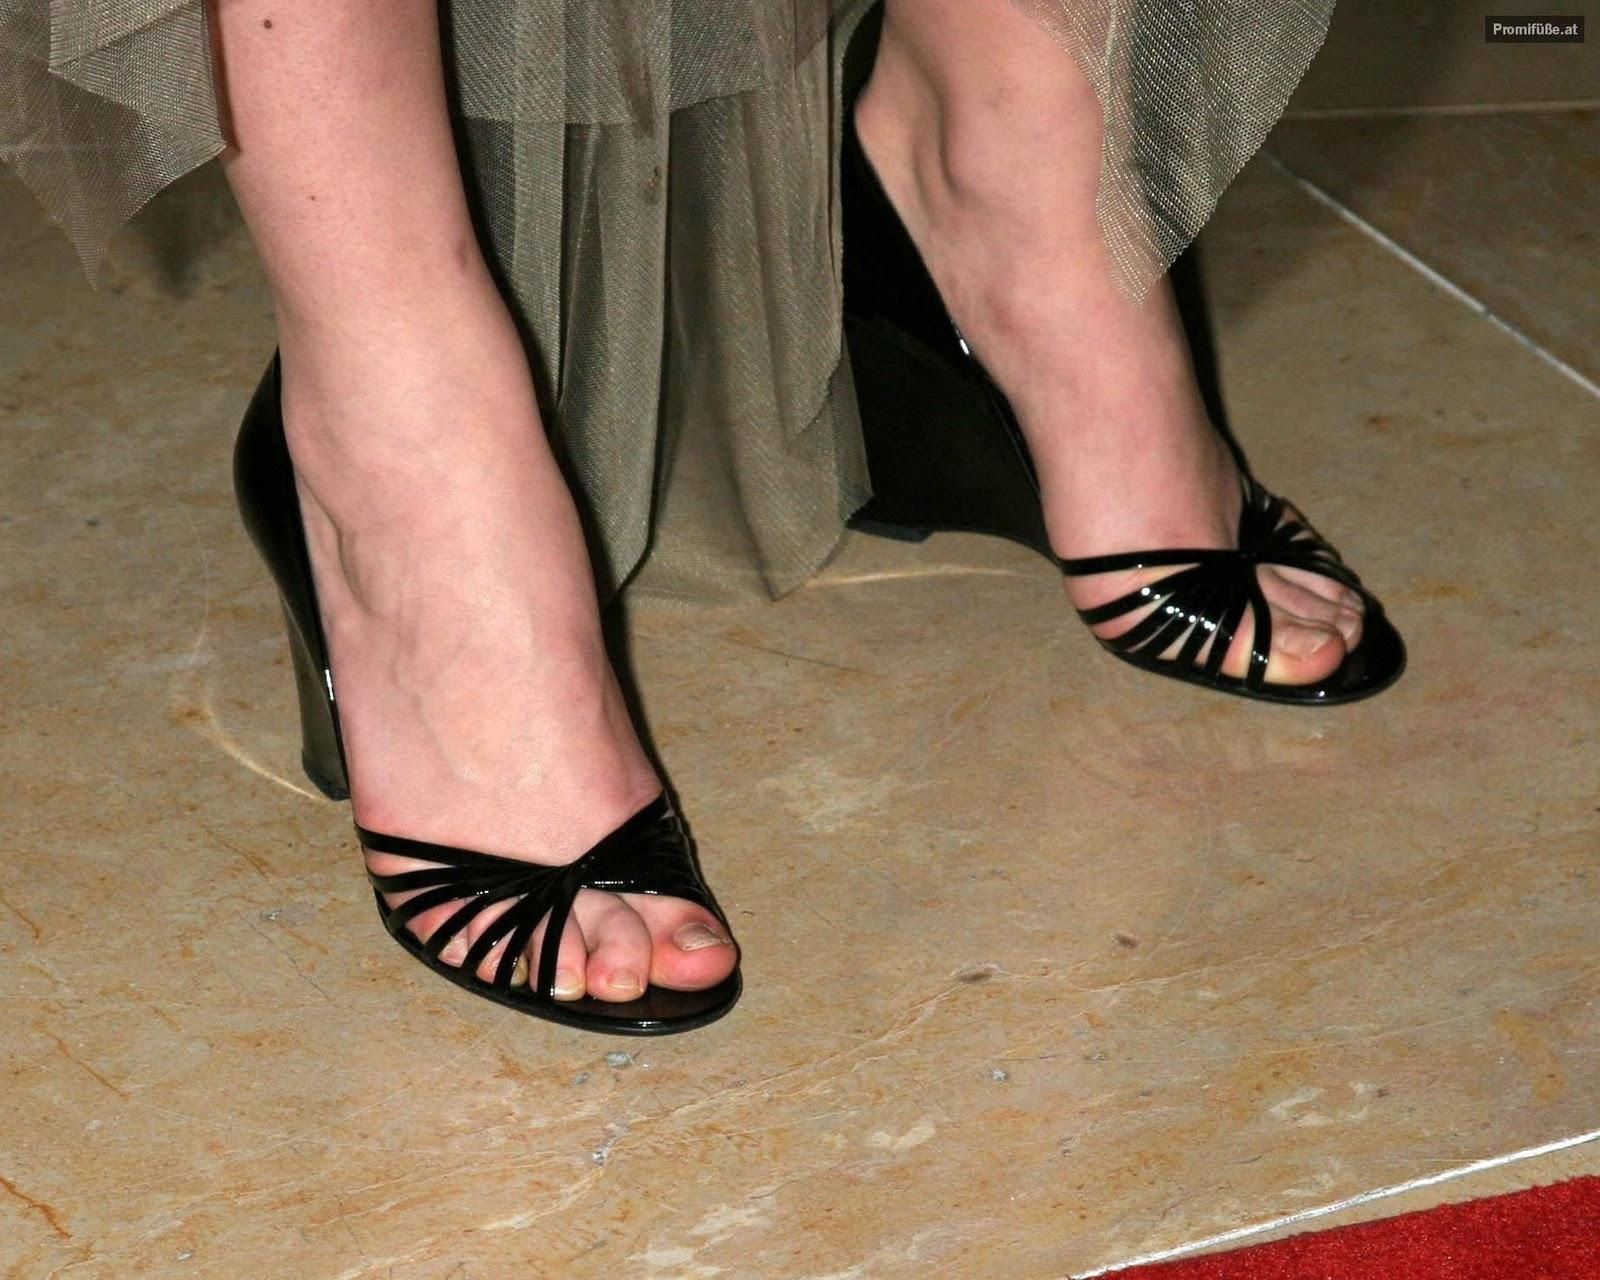 http://4.bp.blogspot.com/-GCzhhR6-QJI/TxGrP4gEZYI/AAAAAAAABoc/QeQAExMNW6U/s1600/Keira-Knightley-Feet-Legs-9.jpg